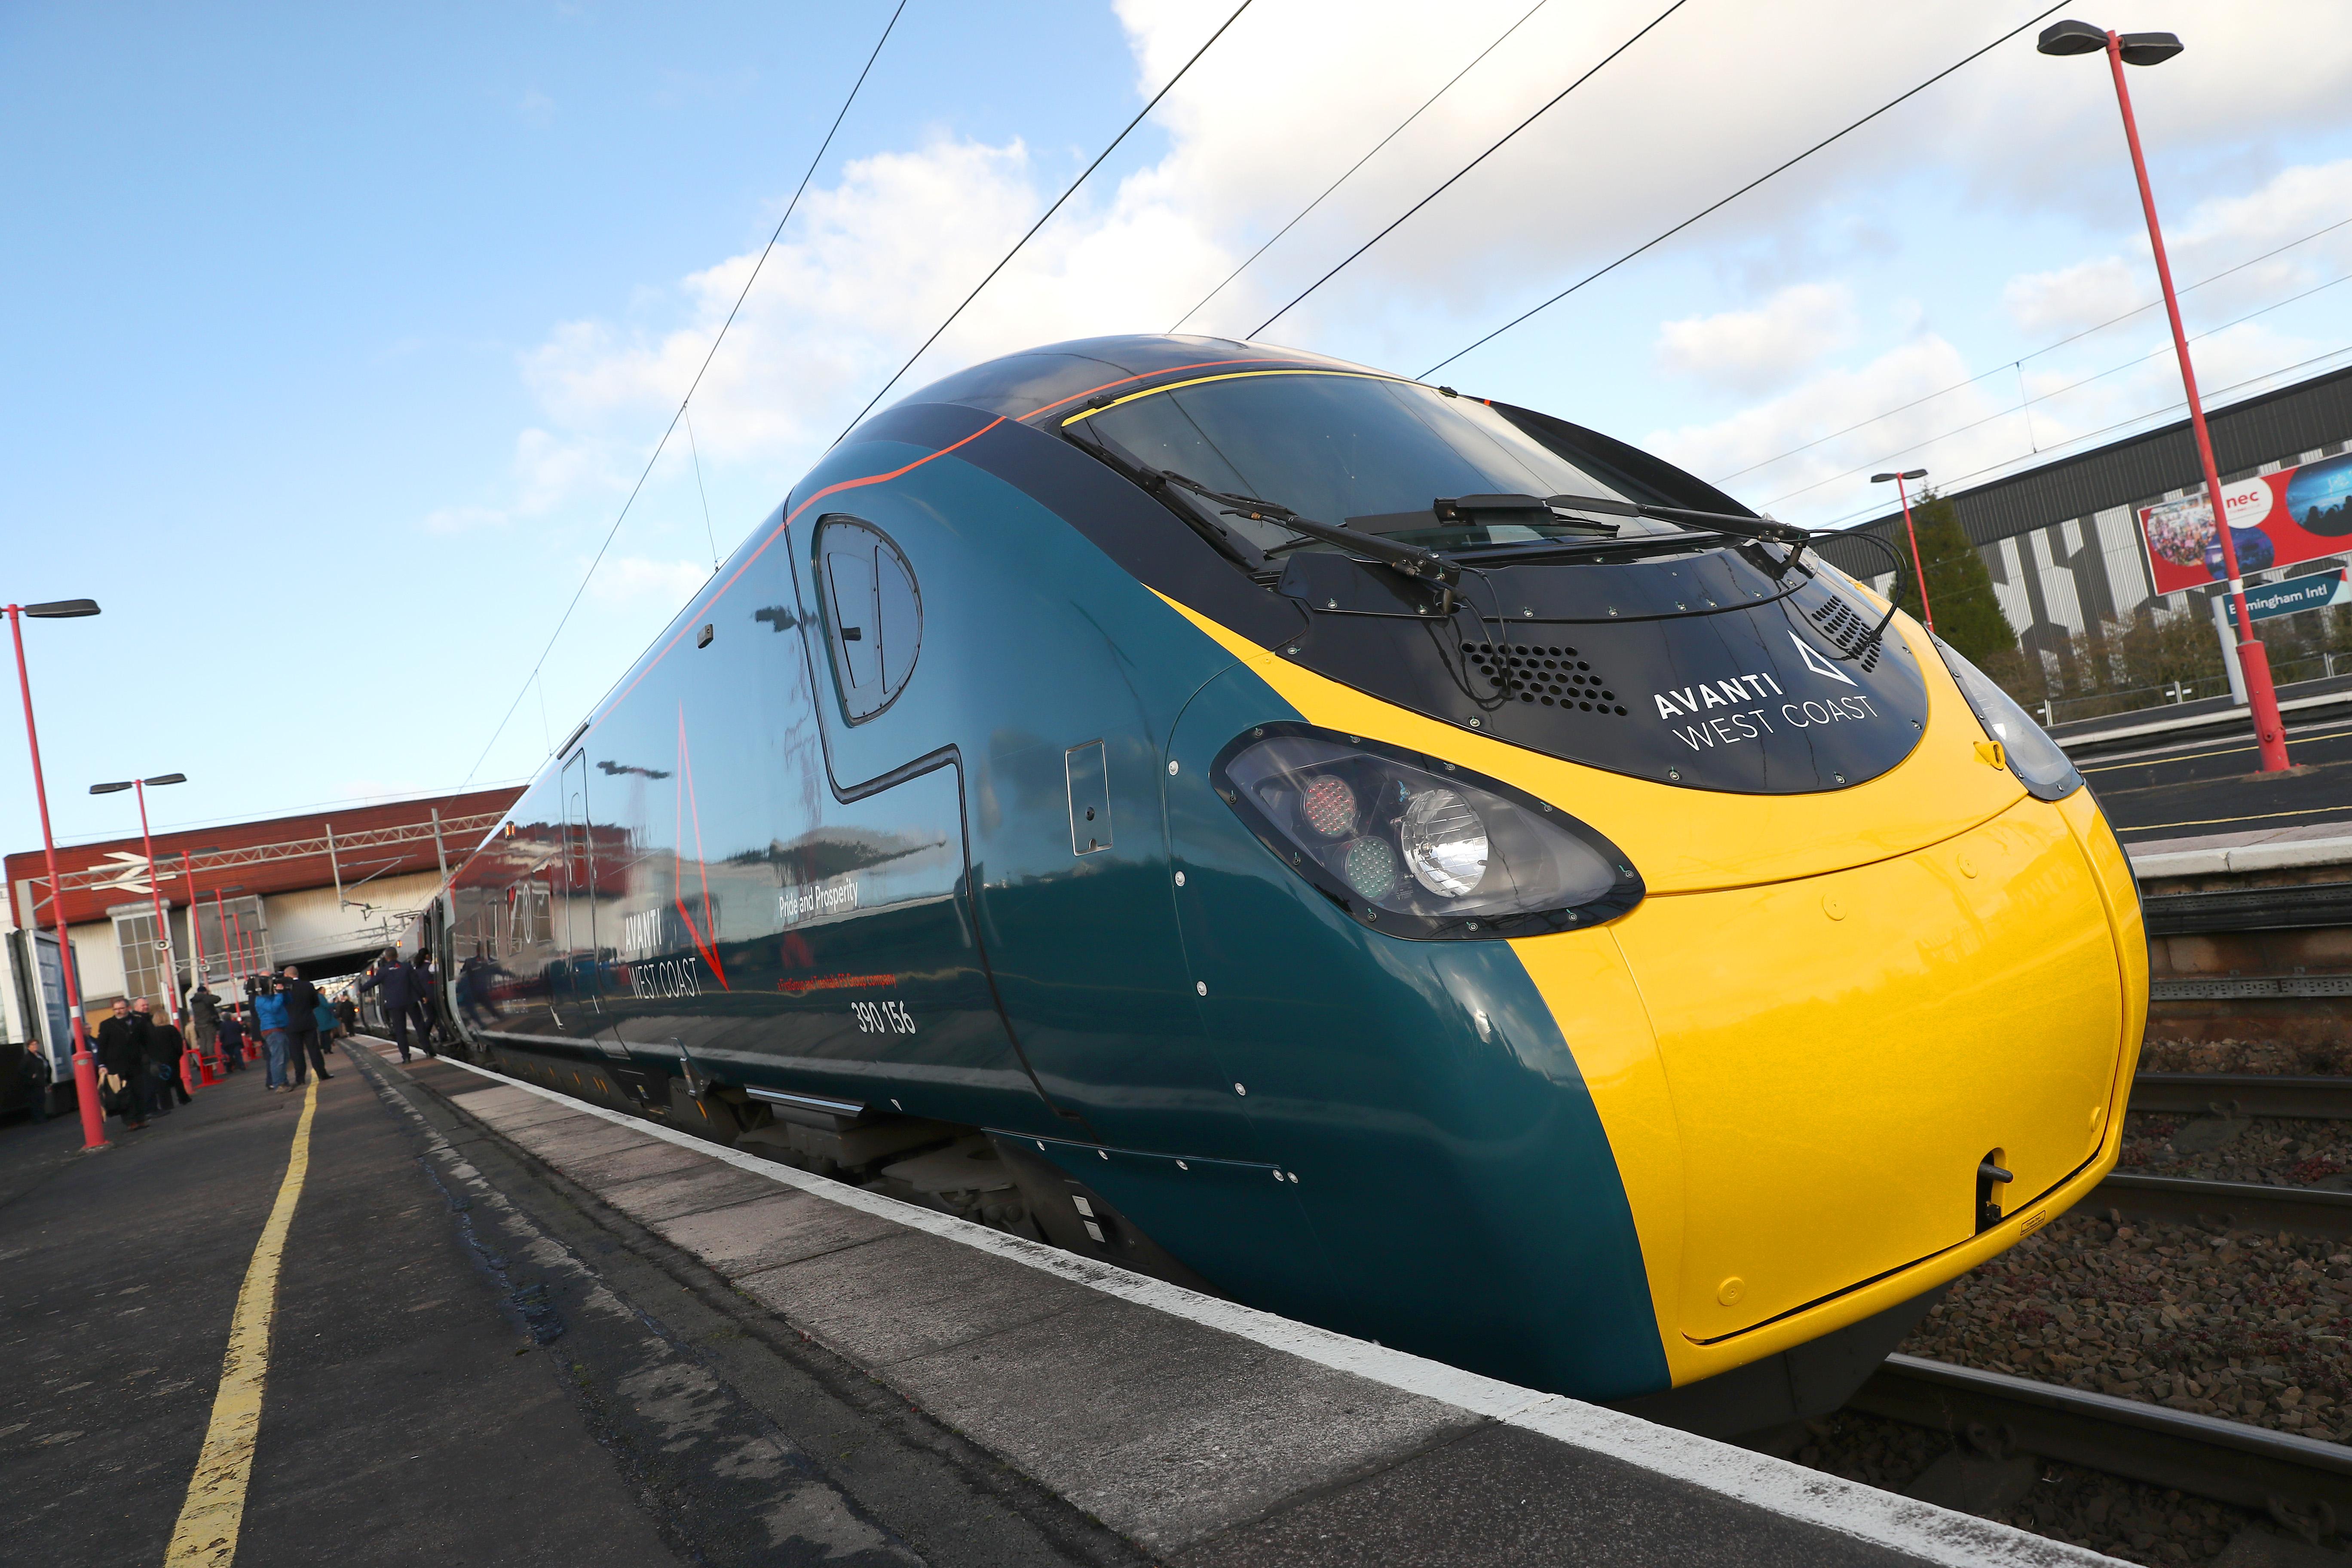 Alstom lands contract to overhaul British train fleet